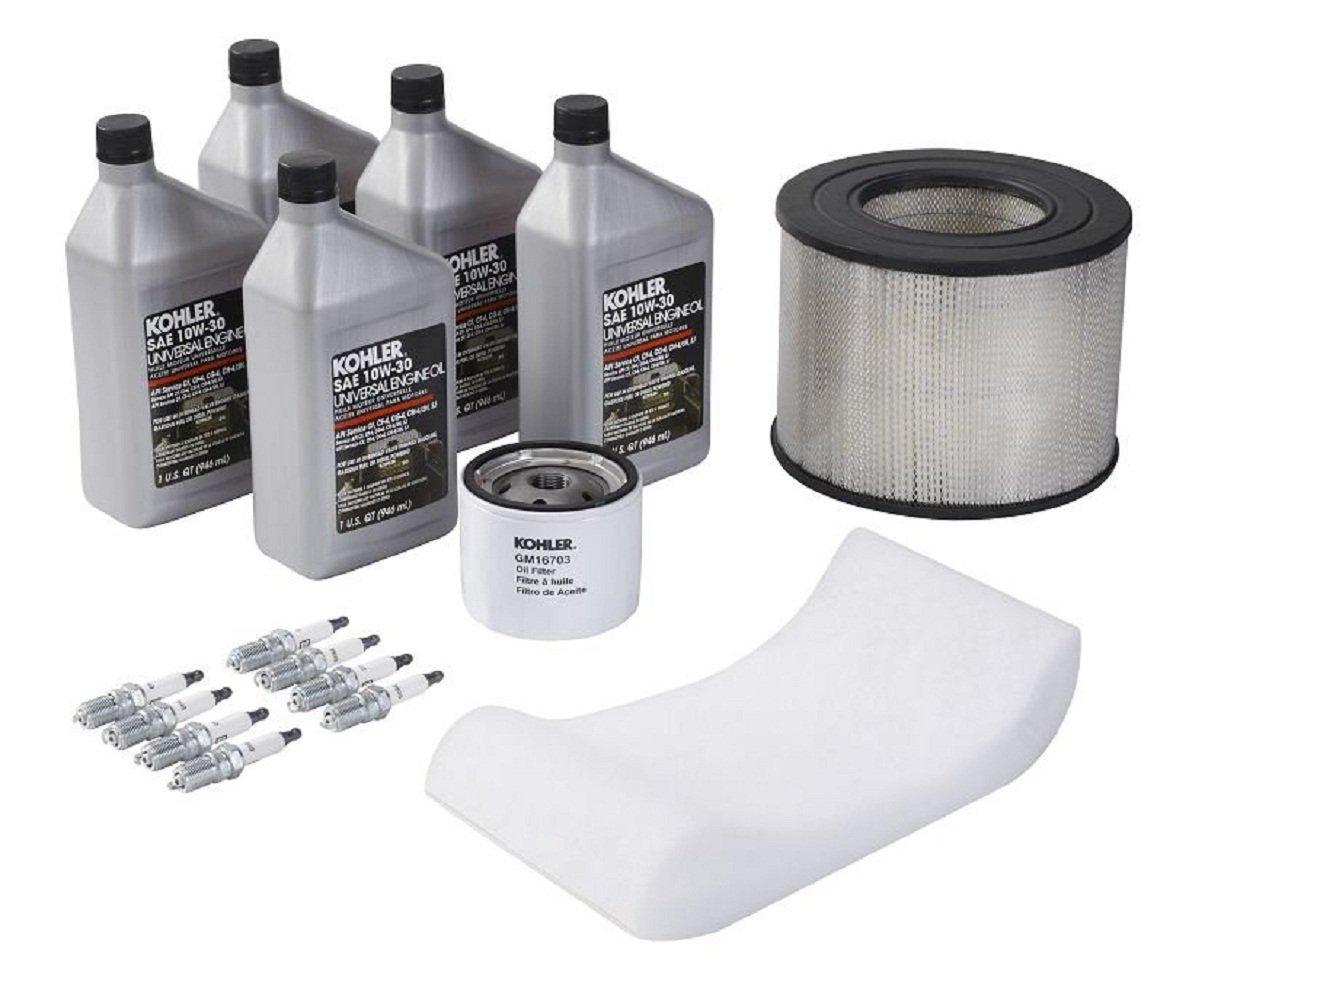 Kohler GM83718-KP1 Maintenance Kit for Generator